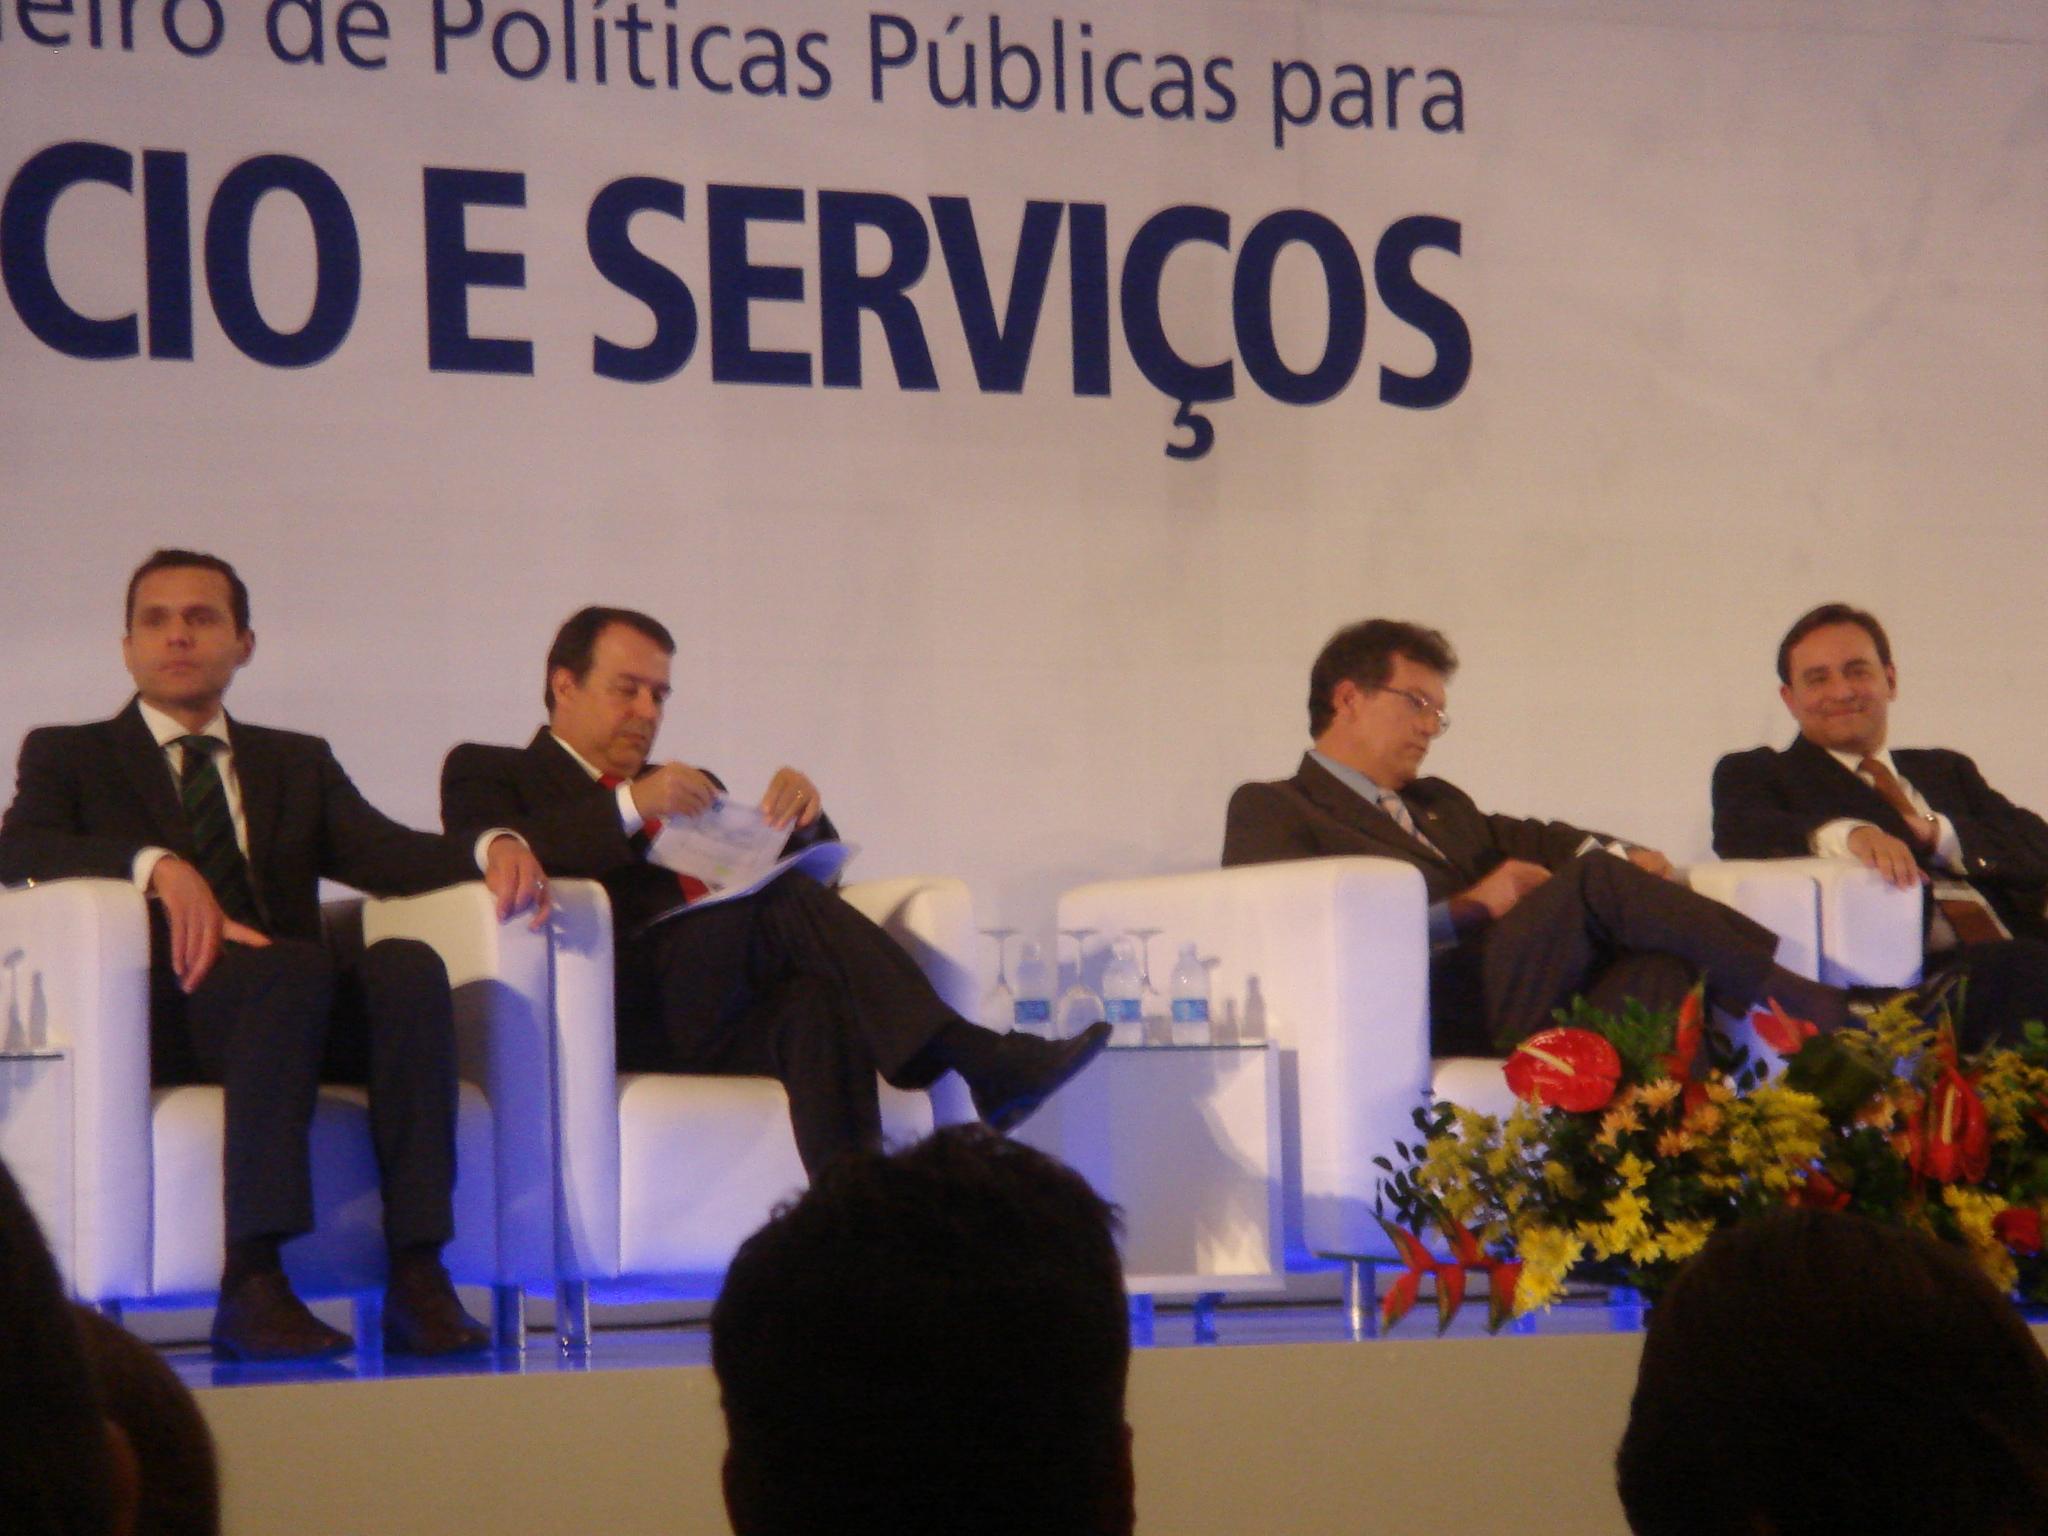 Secretário fala sobre Gestão Pública no SIMBRACS